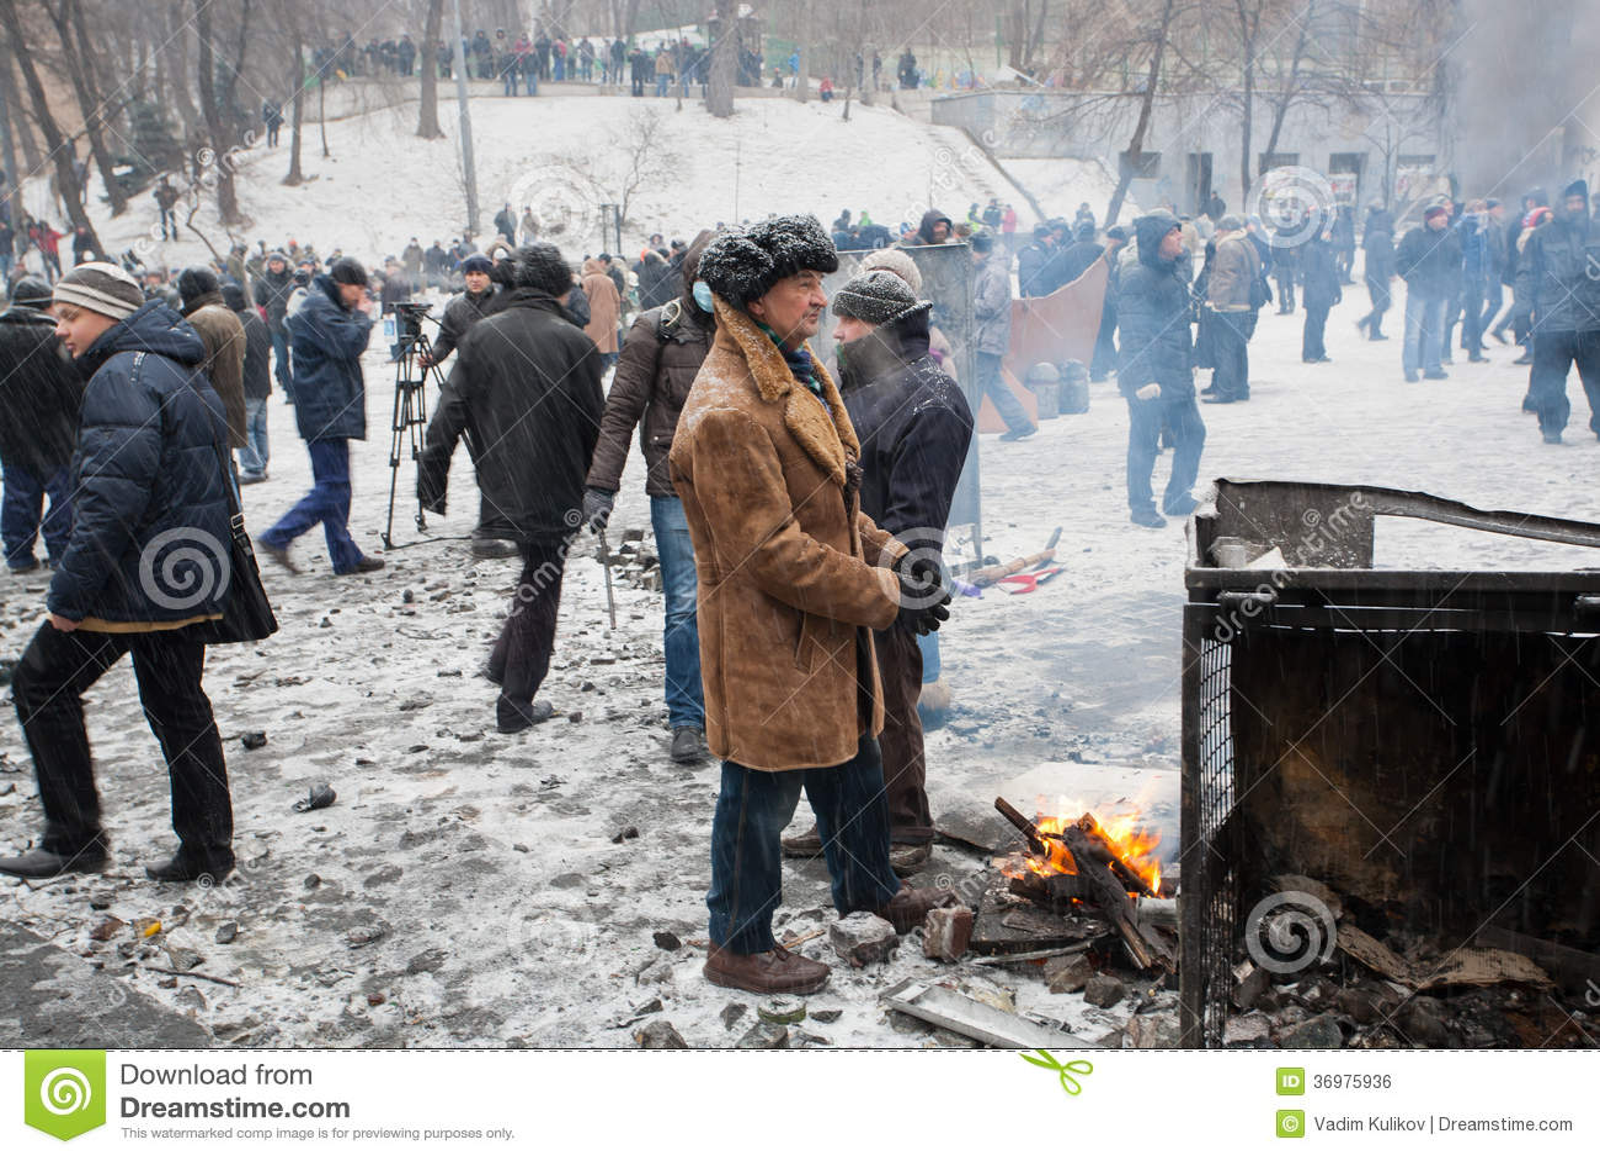 Пожилой человек в огне ожога пальто около баррикад на идя снег улице во время 2 месяцев антипровительственного протеста Euromaidan